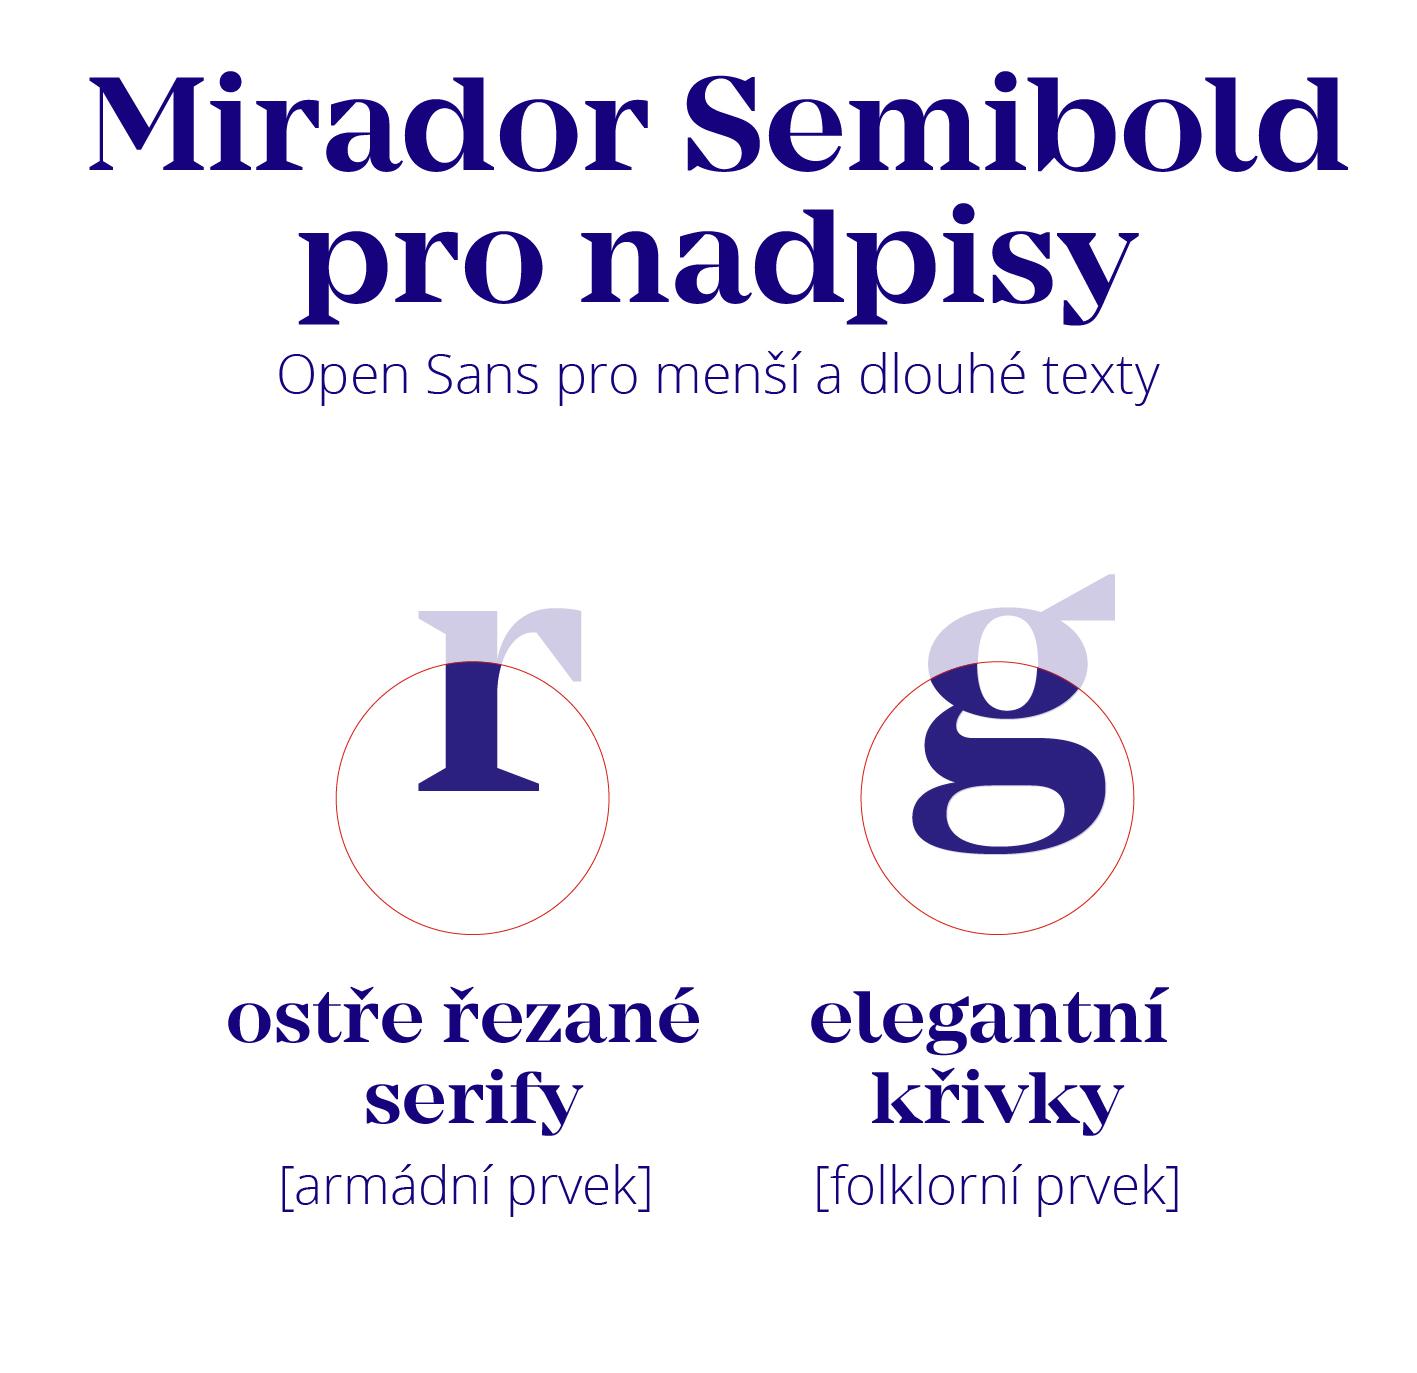 Ondras_typo_lep-02-01